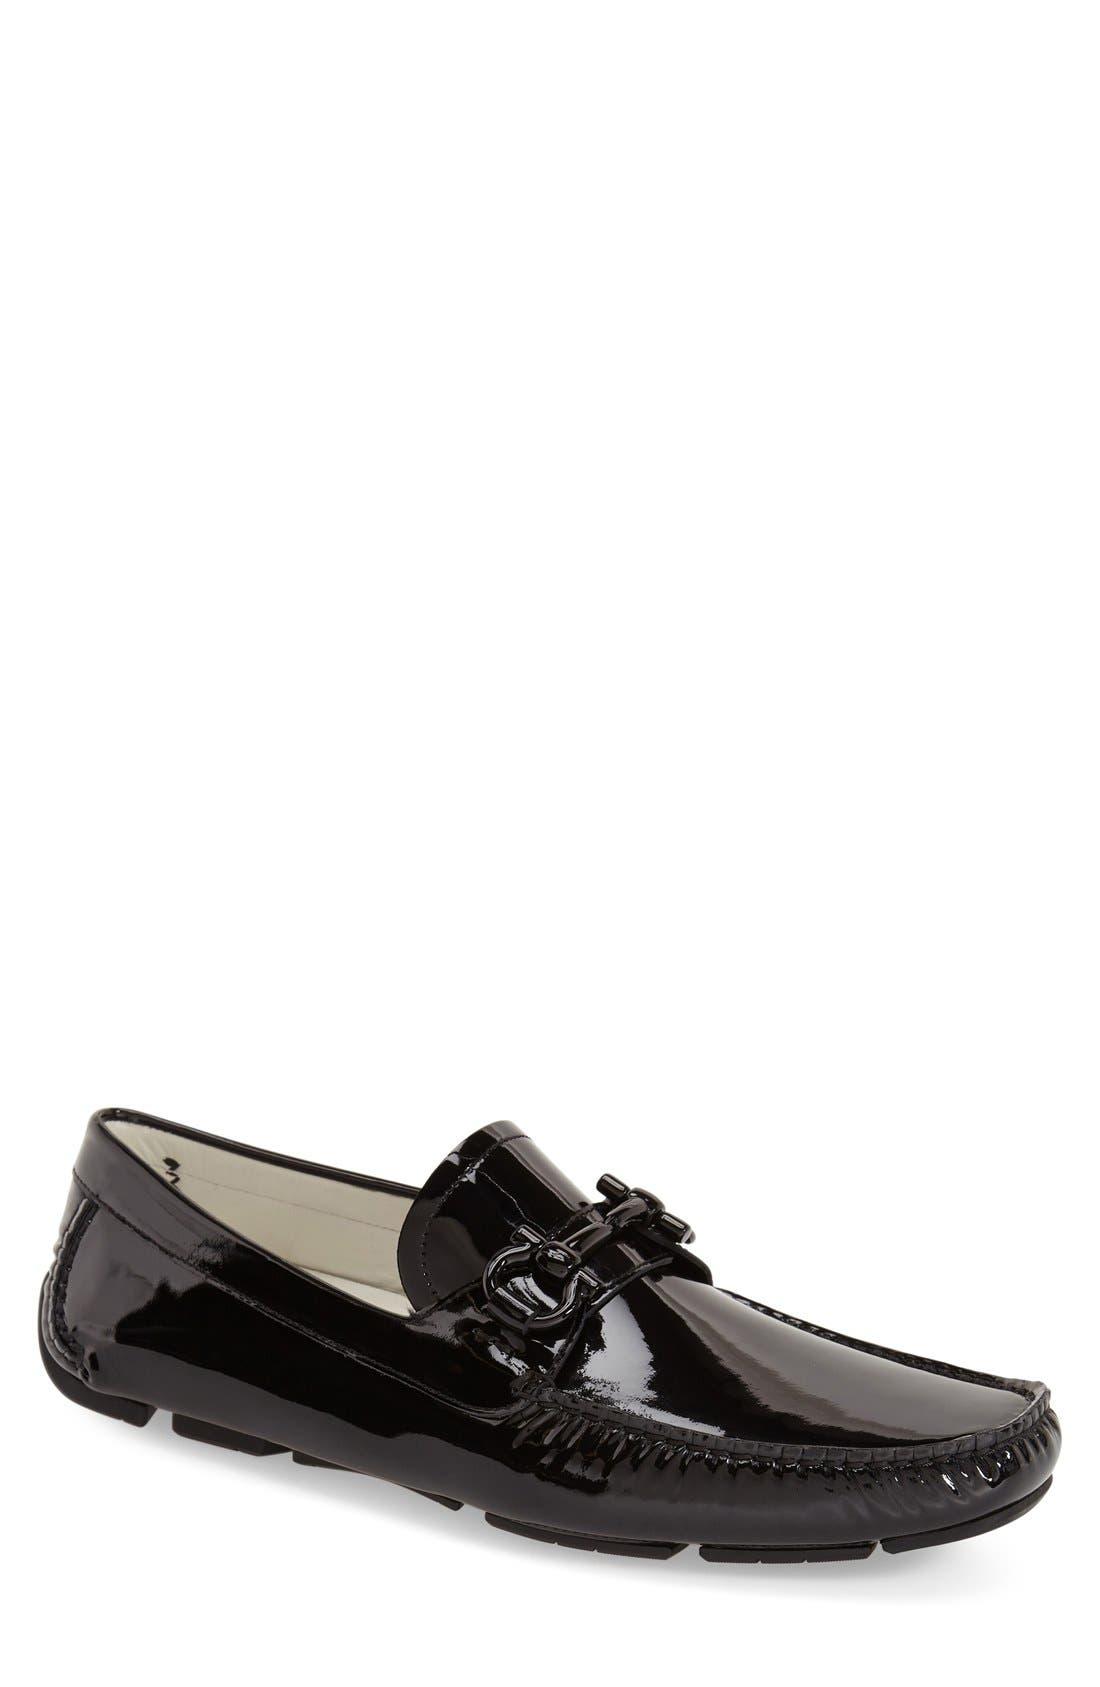 Main Image - Salvatore Ferragamo 'Parigi' Patent Leather Driving Shoe (Men)